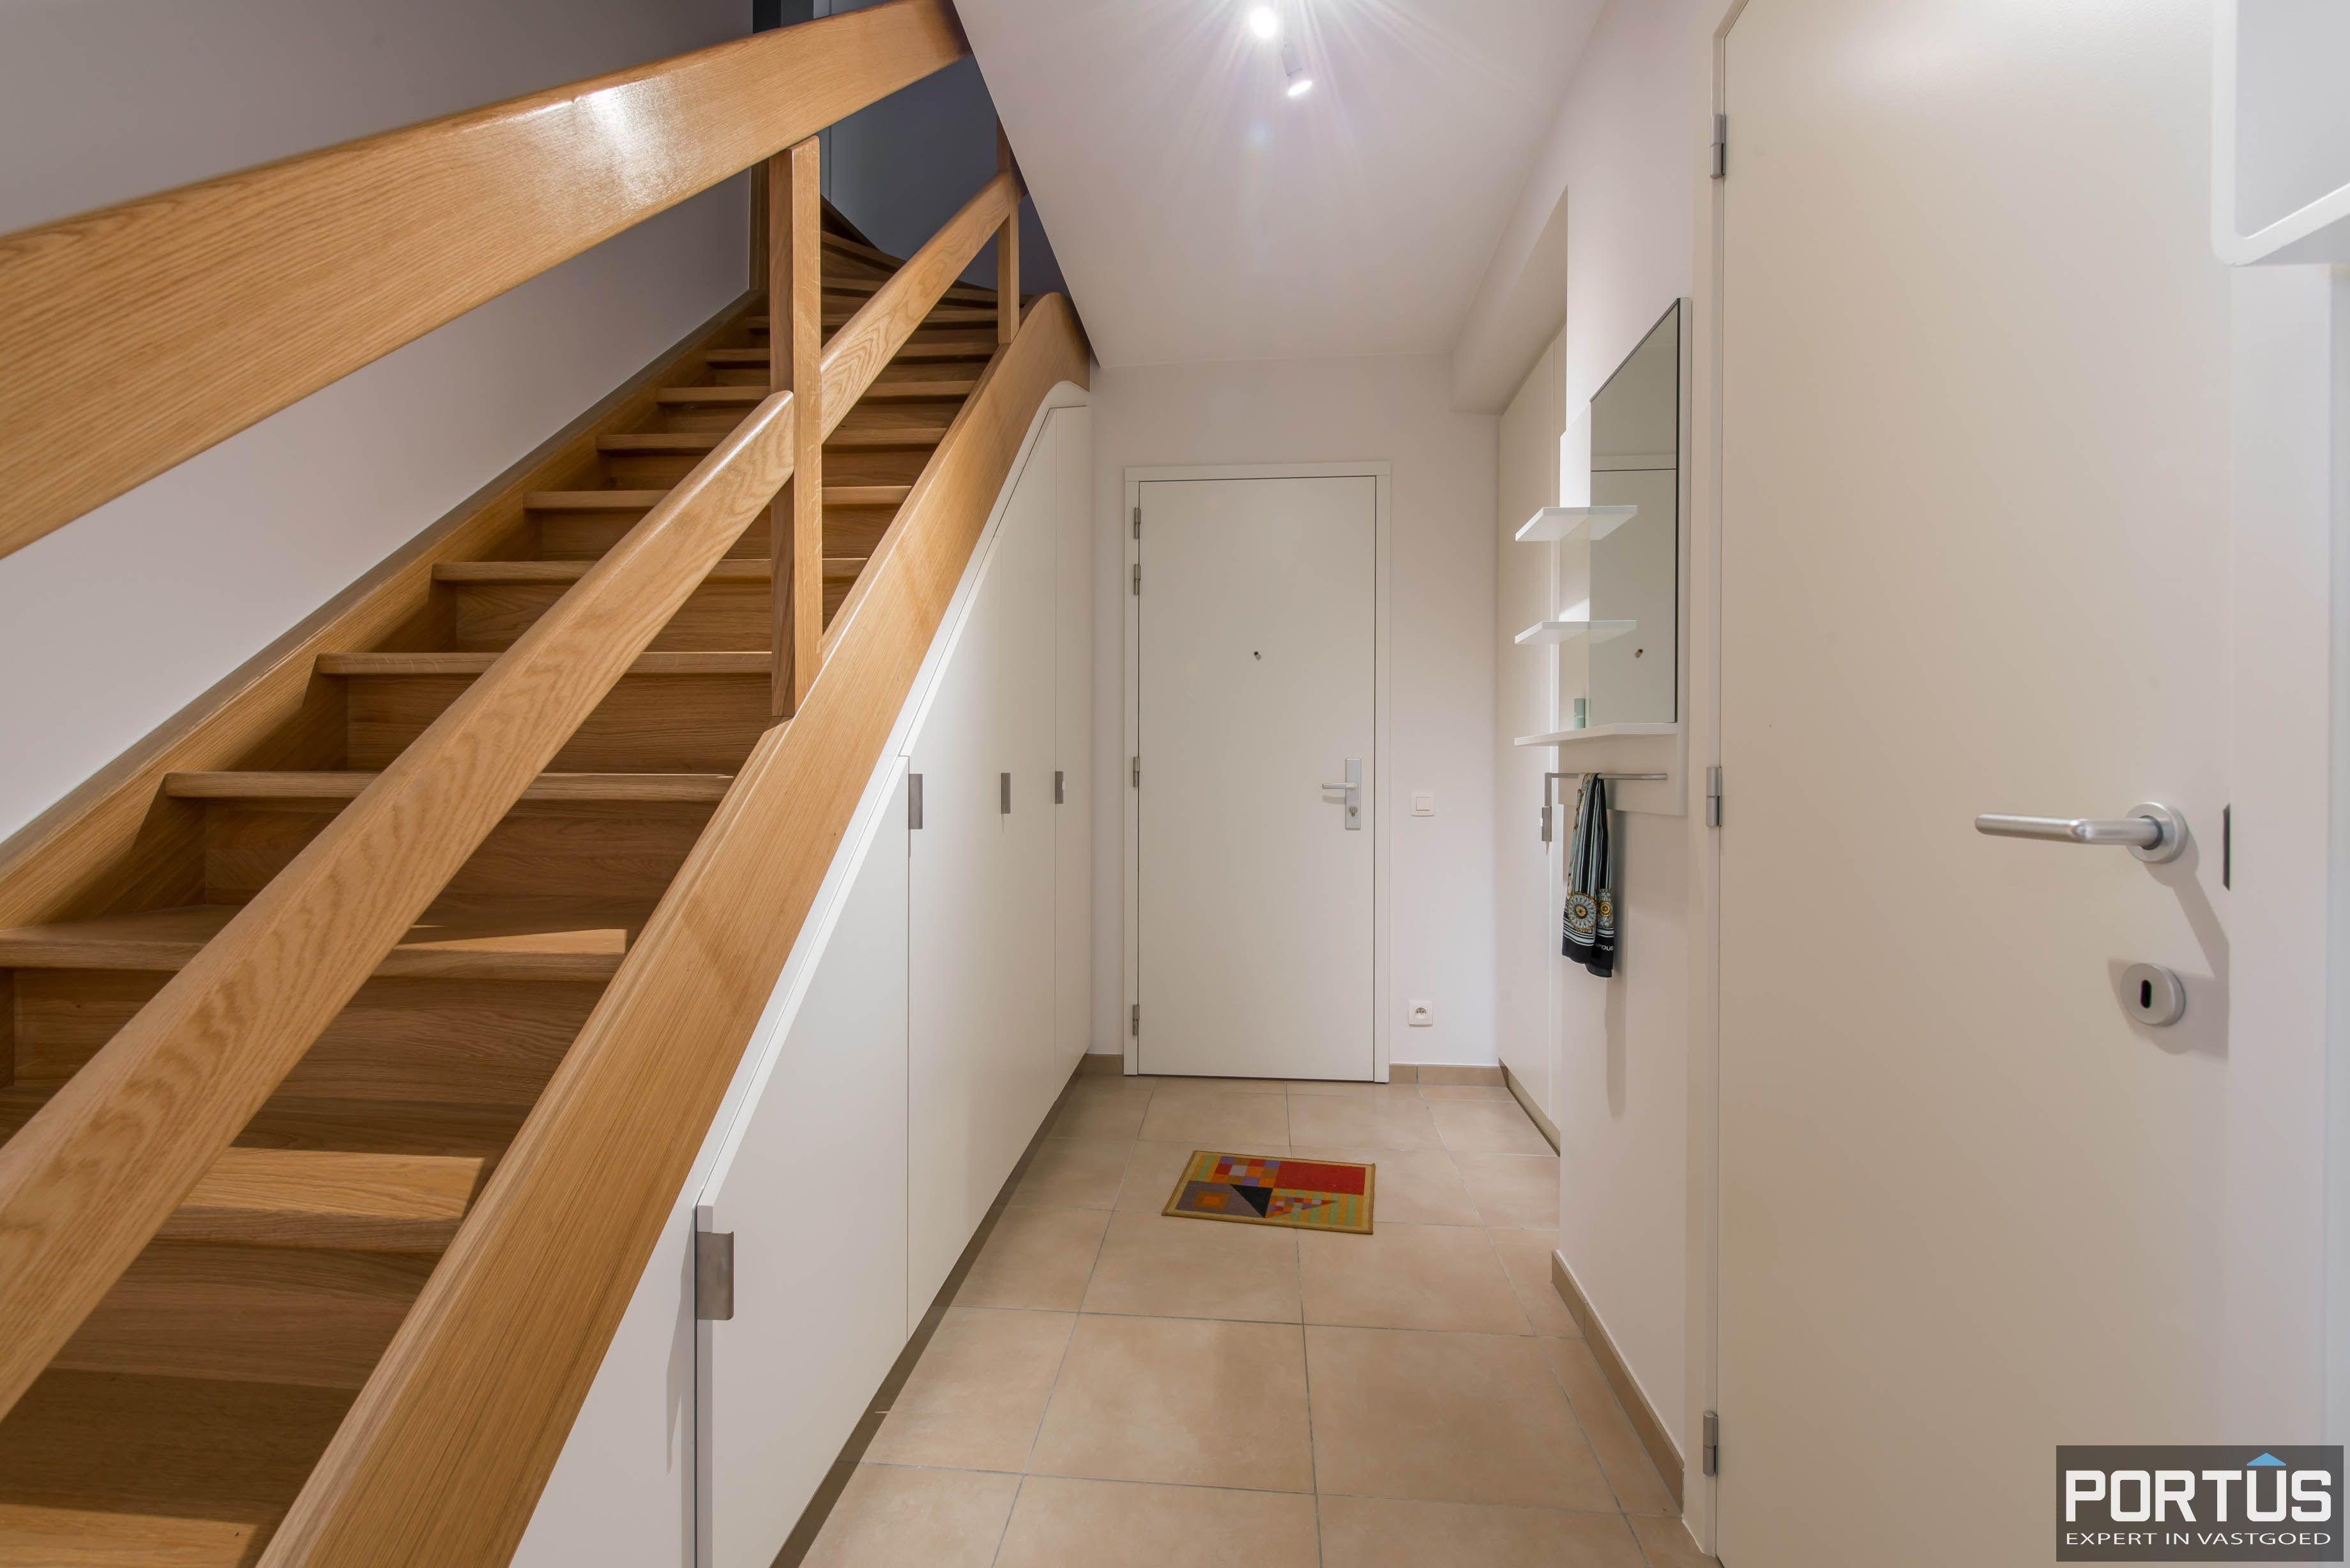 Instapklaar appartement te koop met prachtig zicht op Maritiem park te Nieuwpoort - 12609